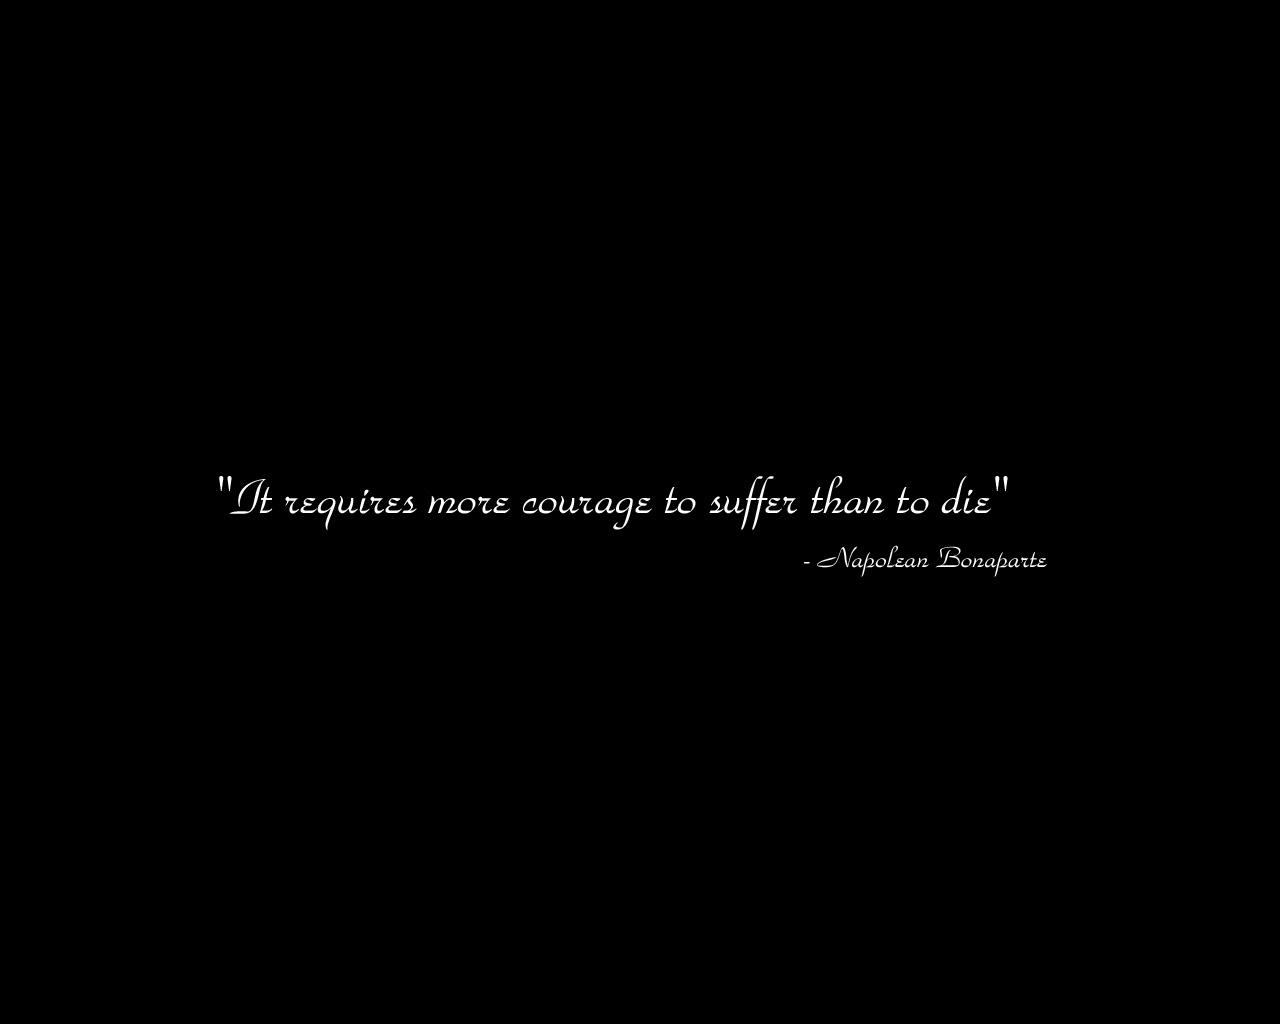 Napoleon Bonaparte Quote Wallpaper Love And Lace Mercredi Citations